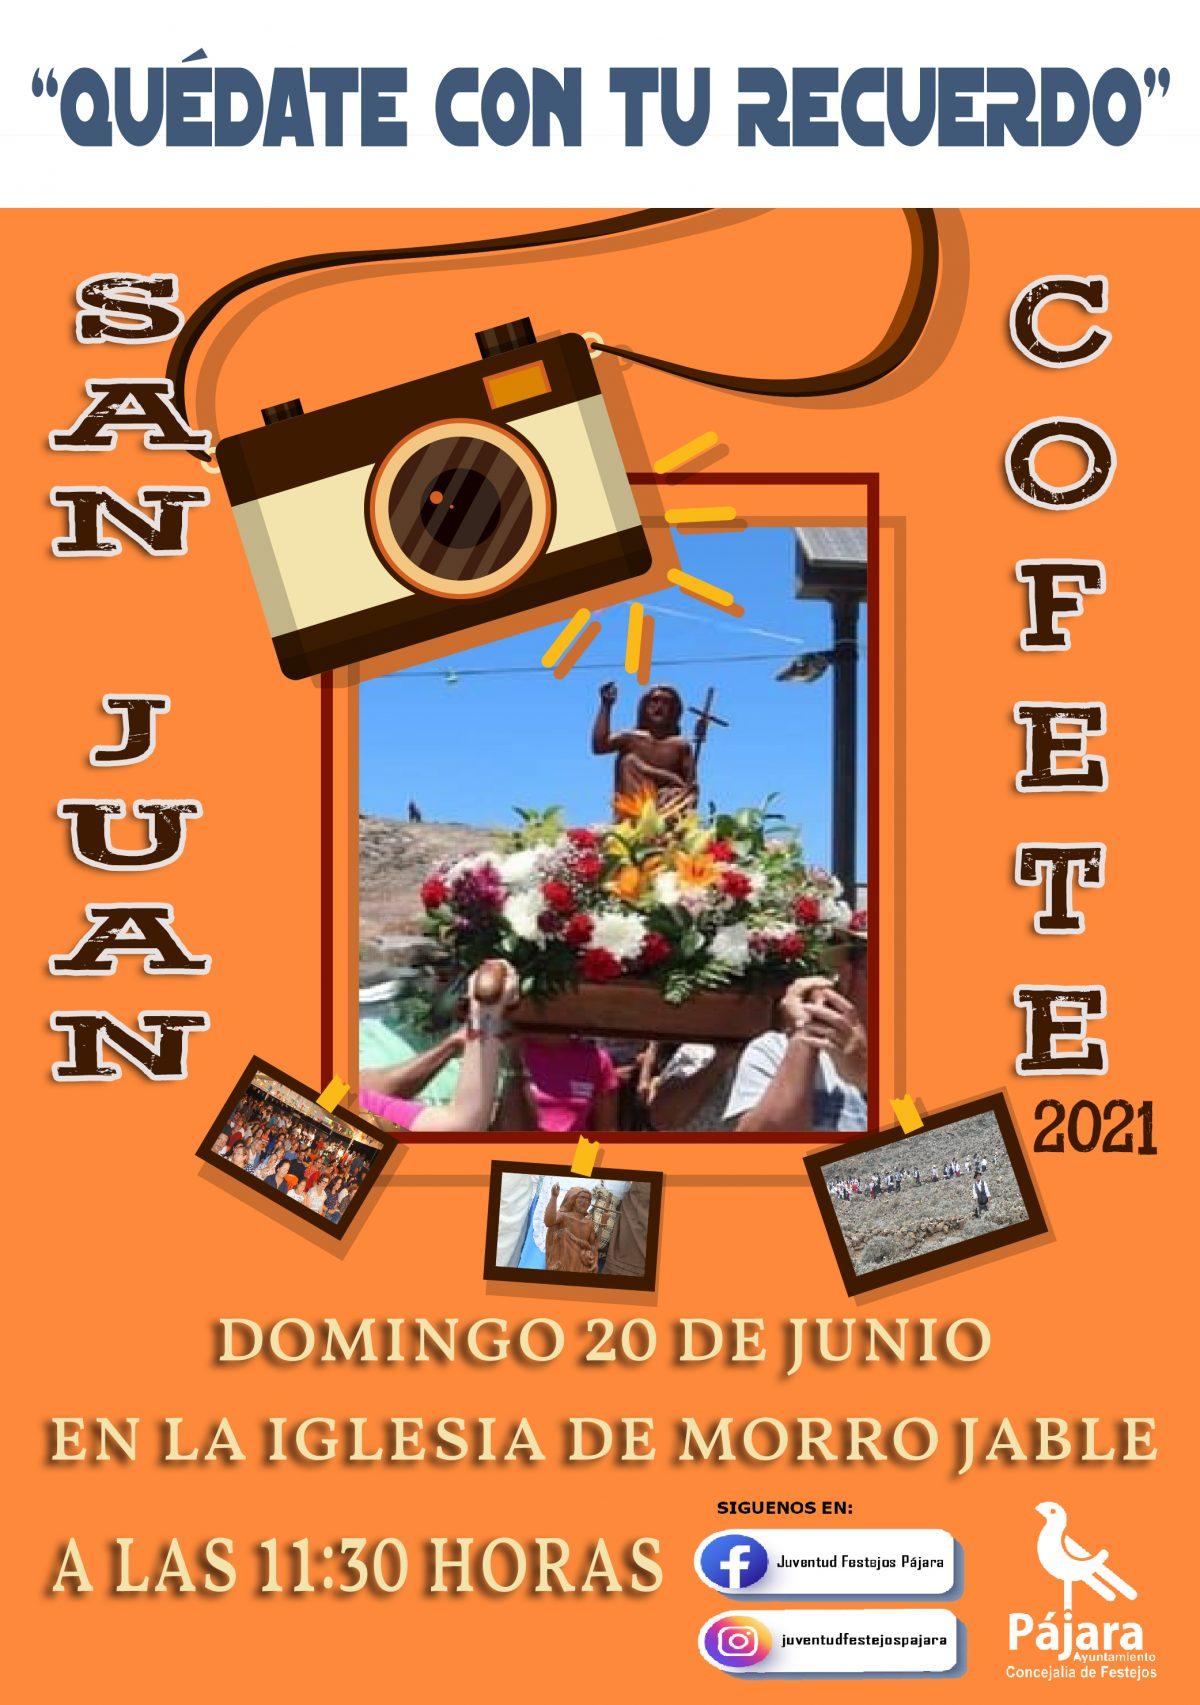 'Pronto volveremos a lo nuestro', vídeo de la conmemoración de las fiestas de San Juan, en Cofete